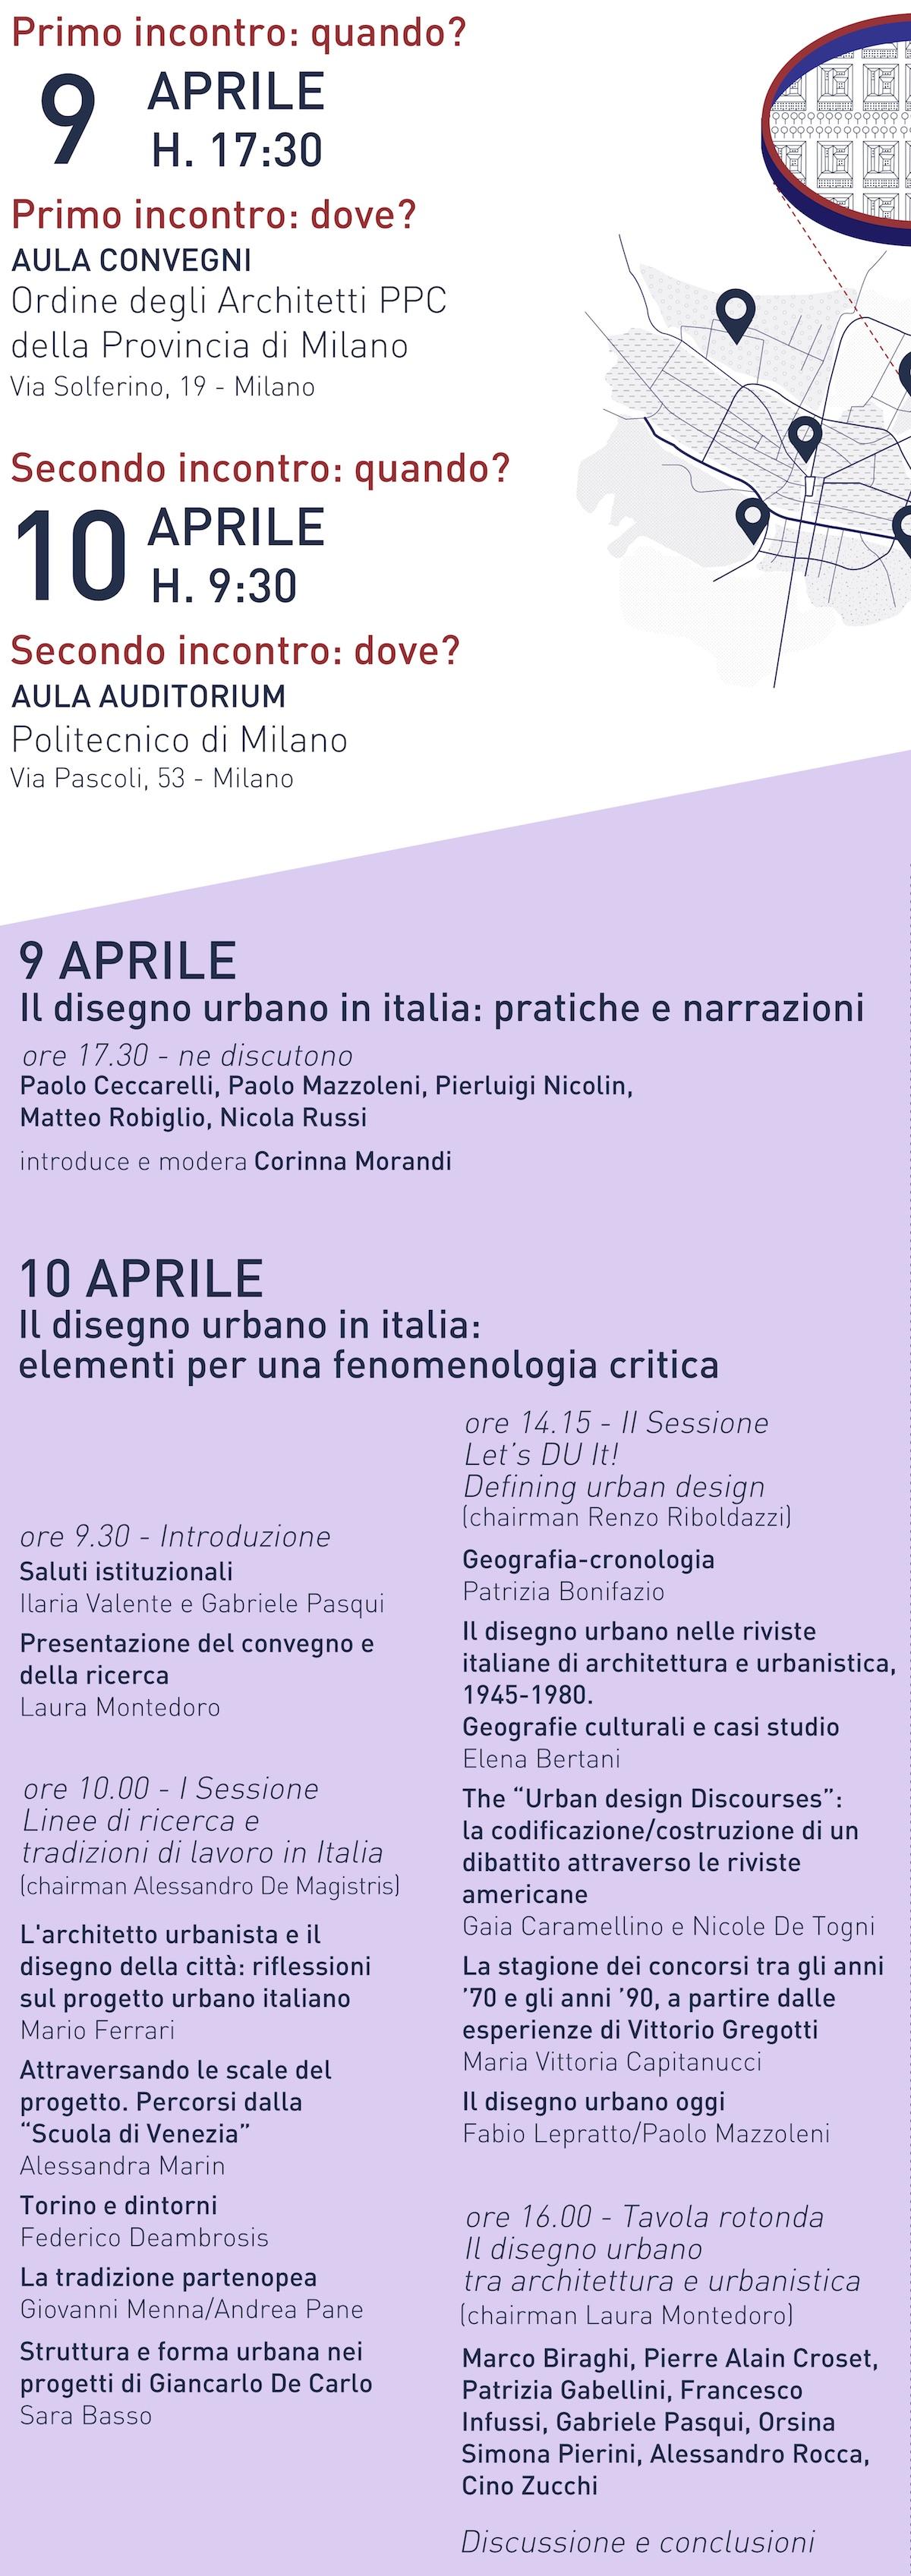 Disegno urbano in Italia 2019